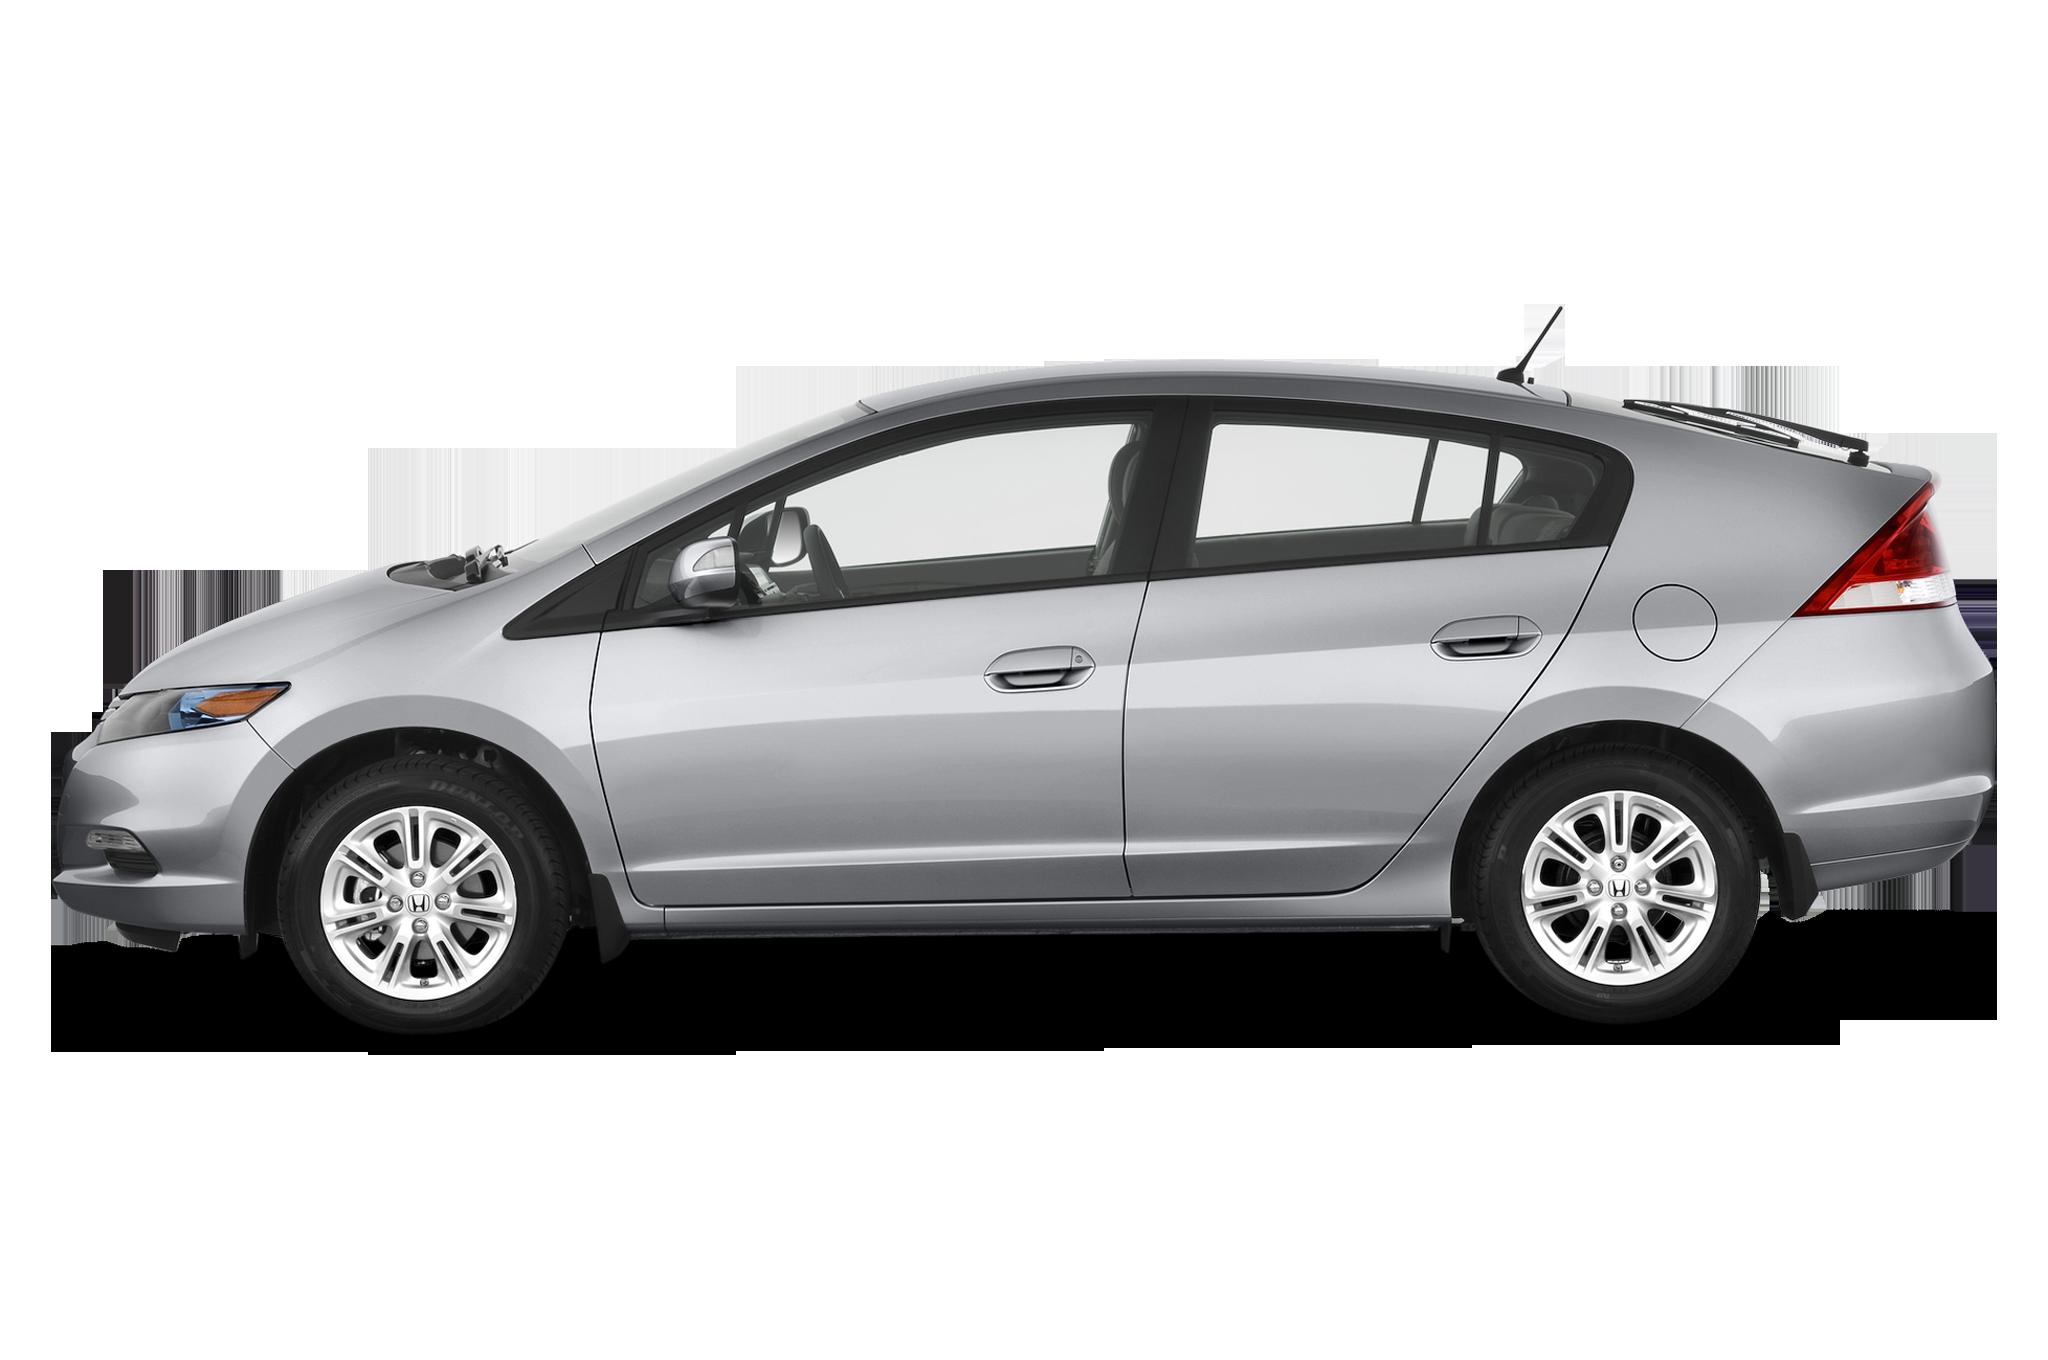 2011 Honda Insight Hybrid to Start at 18,950